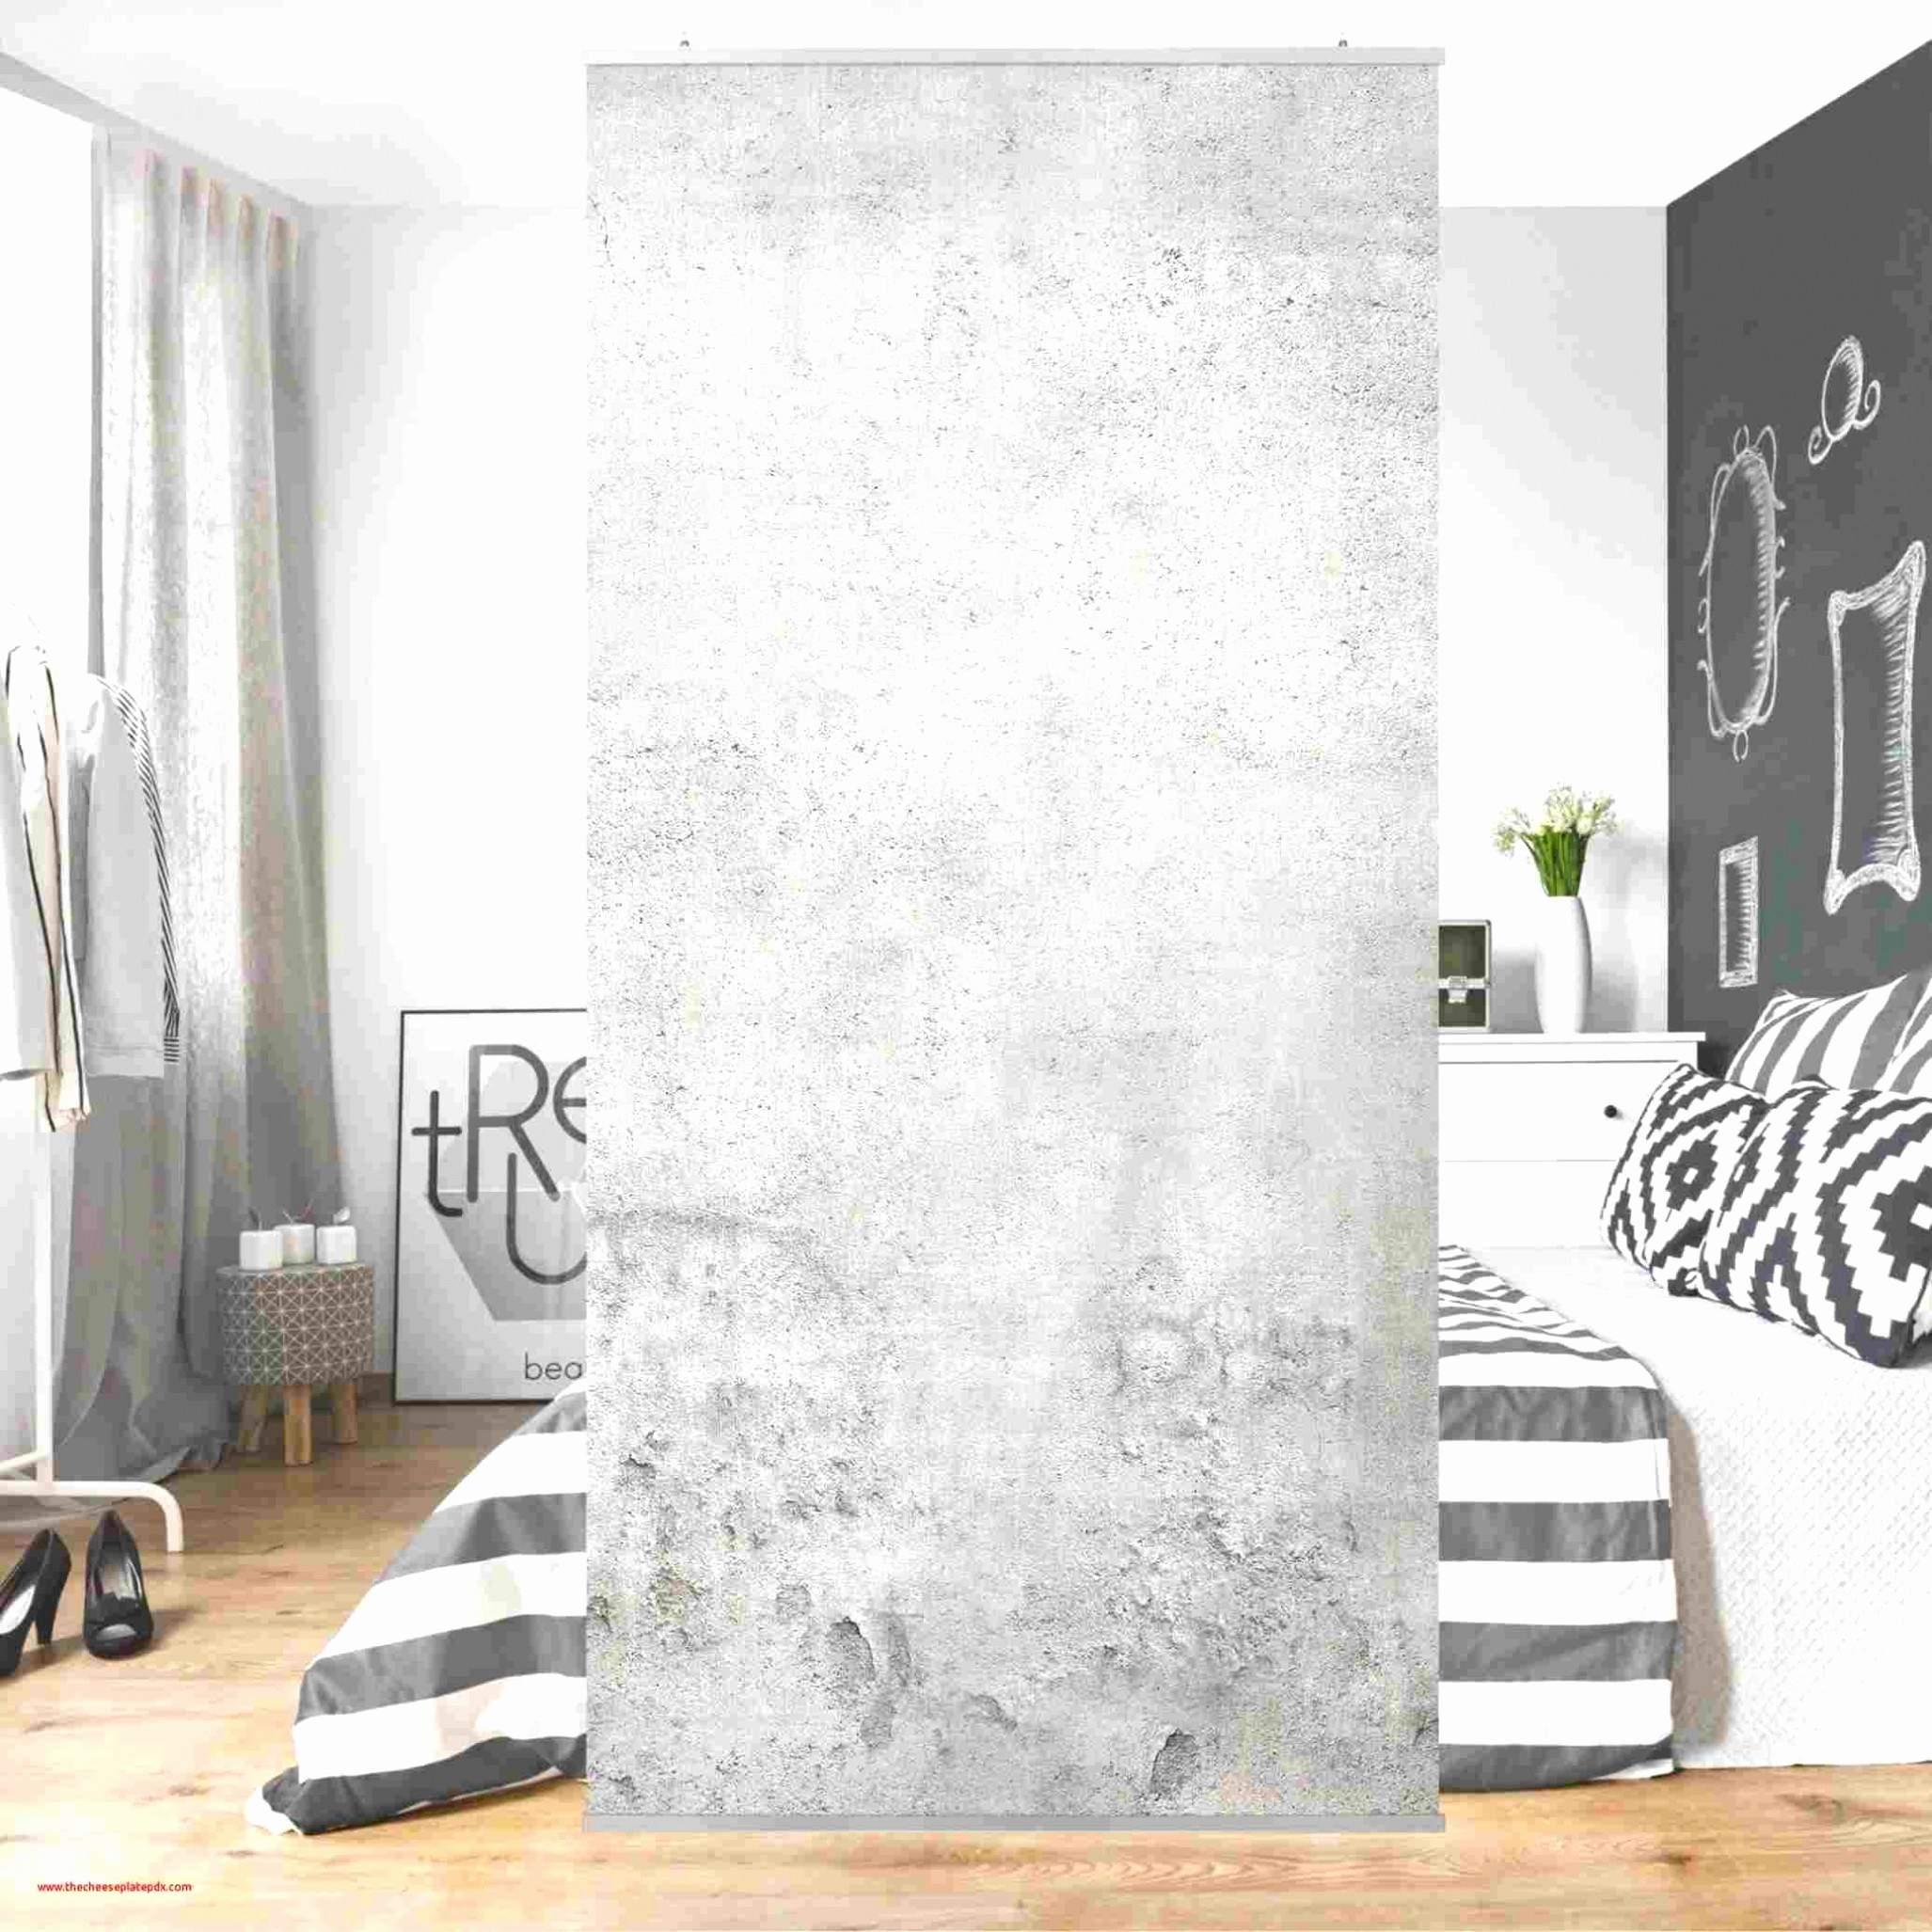 wohnzimmer wande neu gestalten das beste von awesome wohnzimmer wande neu gestalten of wohnzimmer wande neu gestalten